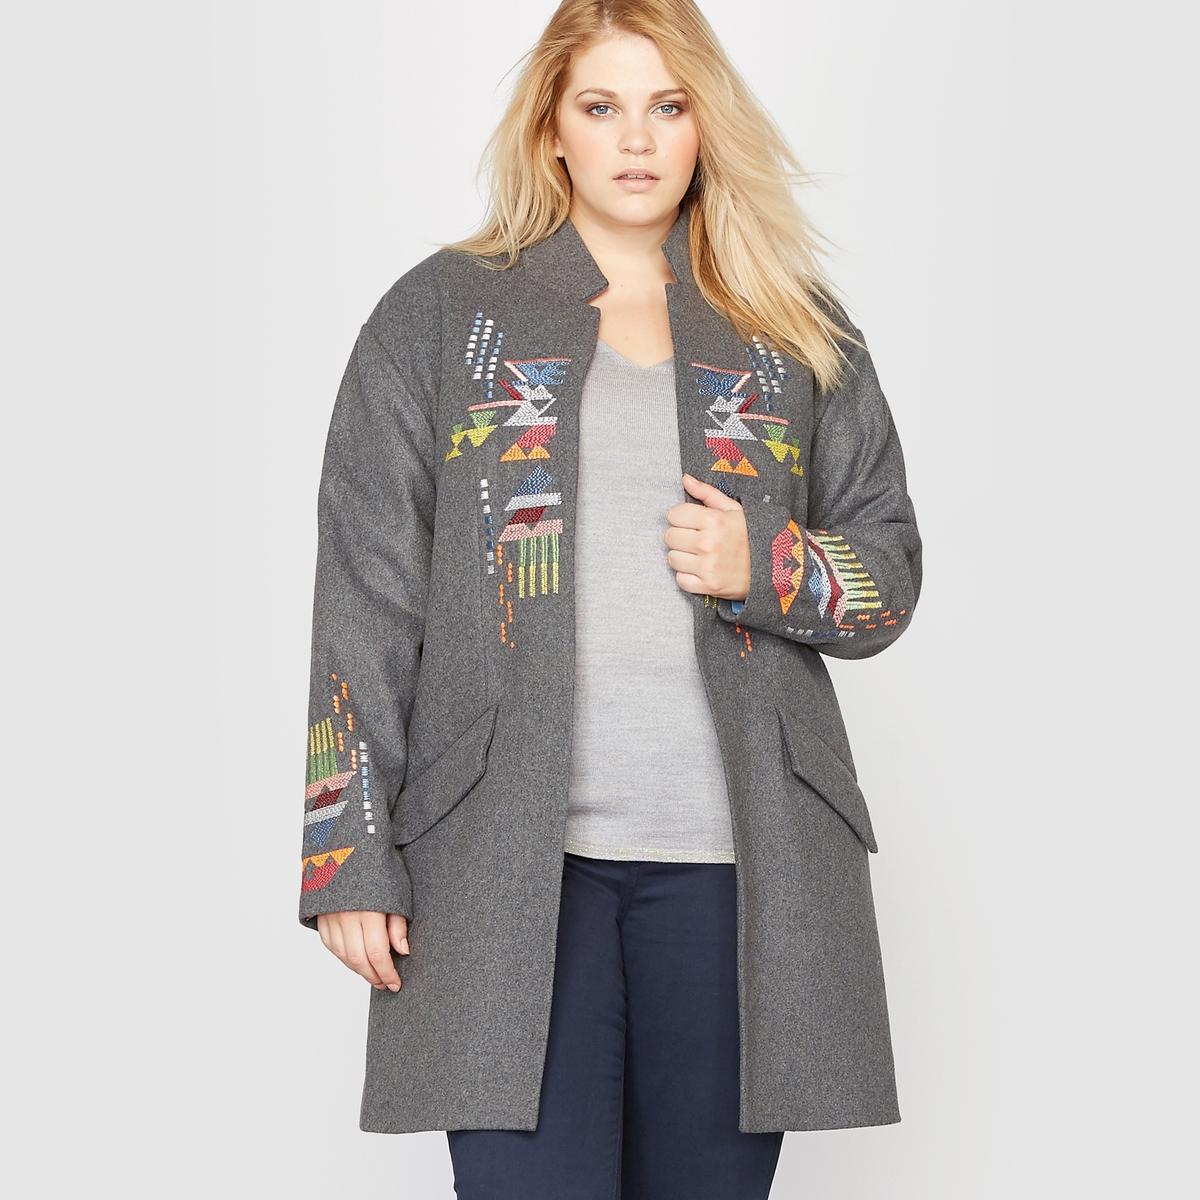 Пальто с вышивкойКороткое пальто с вышивкой. Оно станет любимым предметом Вашего гардероба.Вышивка с тиле майя спереди и по краям рукавов с приспущенной проймой.Прямой стоячий воротник.2 кармана с клапанами спереди.Состав и характеристики :Материал : 43% полиэстера, 38% шерсти, 11% акрила, 3% полиамида, 3% хлопка, 2% вискозы.Длина : 92 см.Марка : CASTALUNA.Уход :Рекомендуется сухая (химическая) чистка.<br><br>Цвет: серый меланж<br>Размер: 48 (FR) - 54 (RUS).46 (FR) - 52 (RUS)